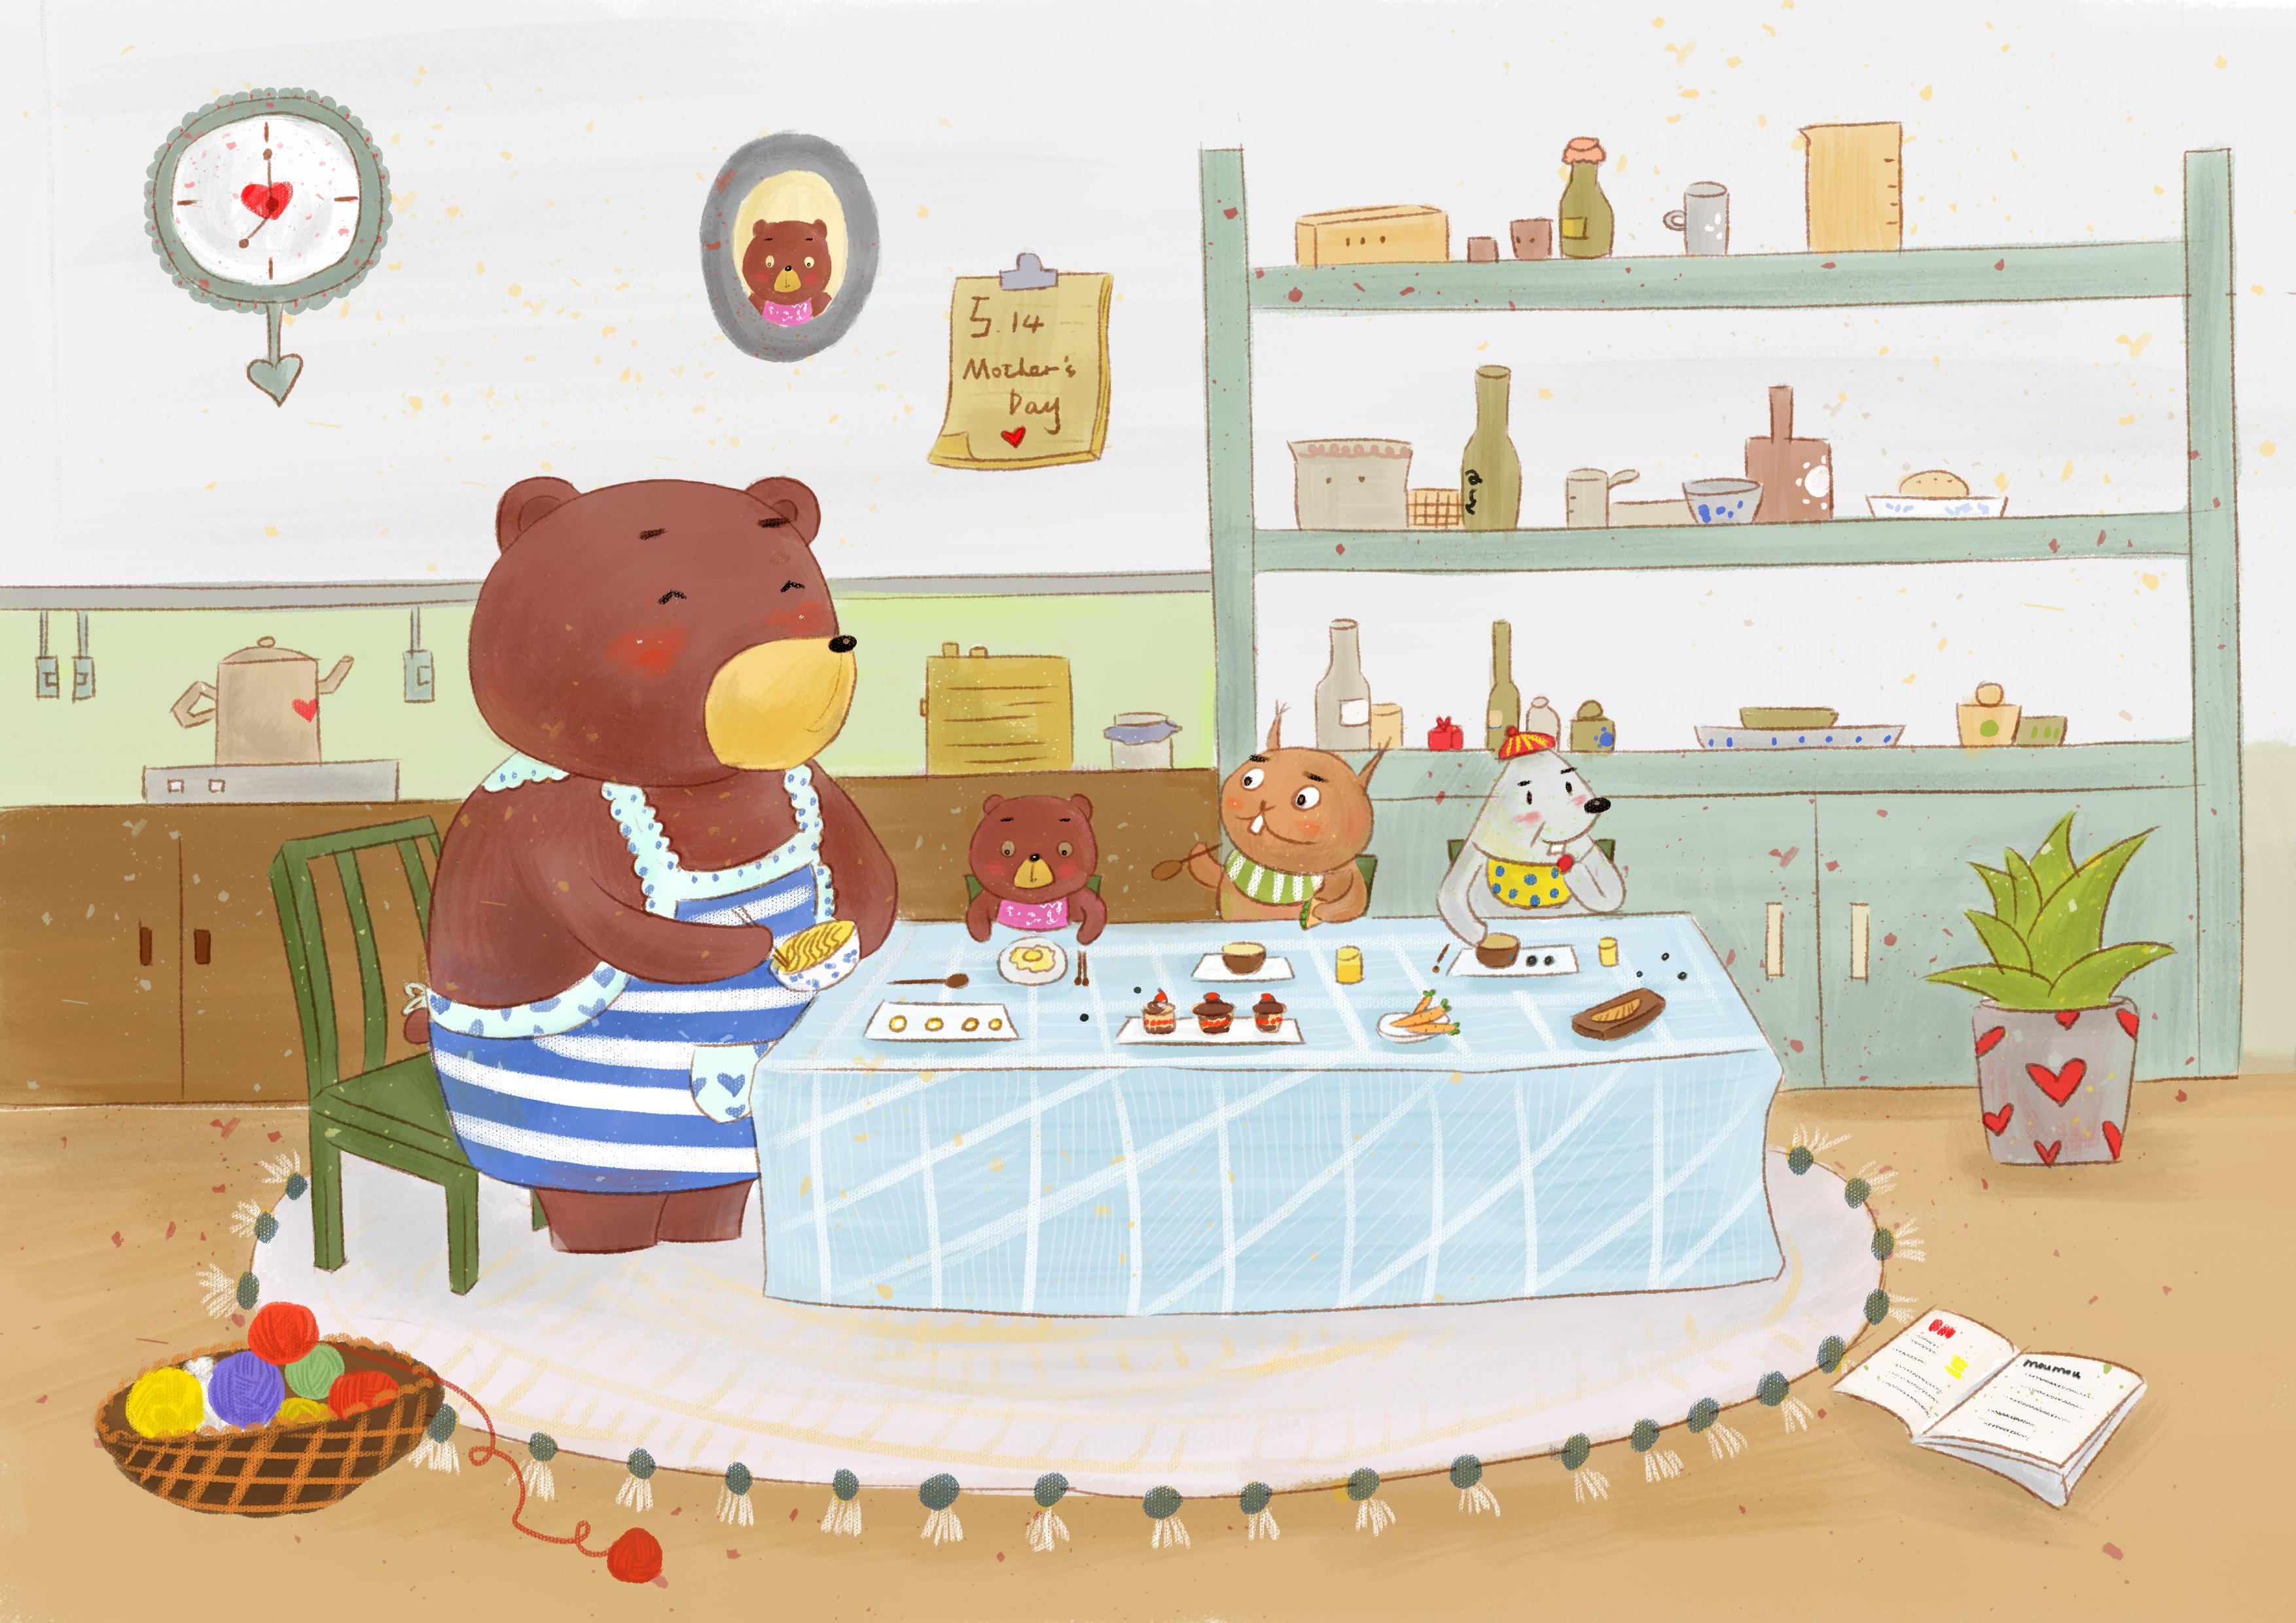 幸福早餐|插画|儿童插画|_moumou_ - 原创作品 - 站酷